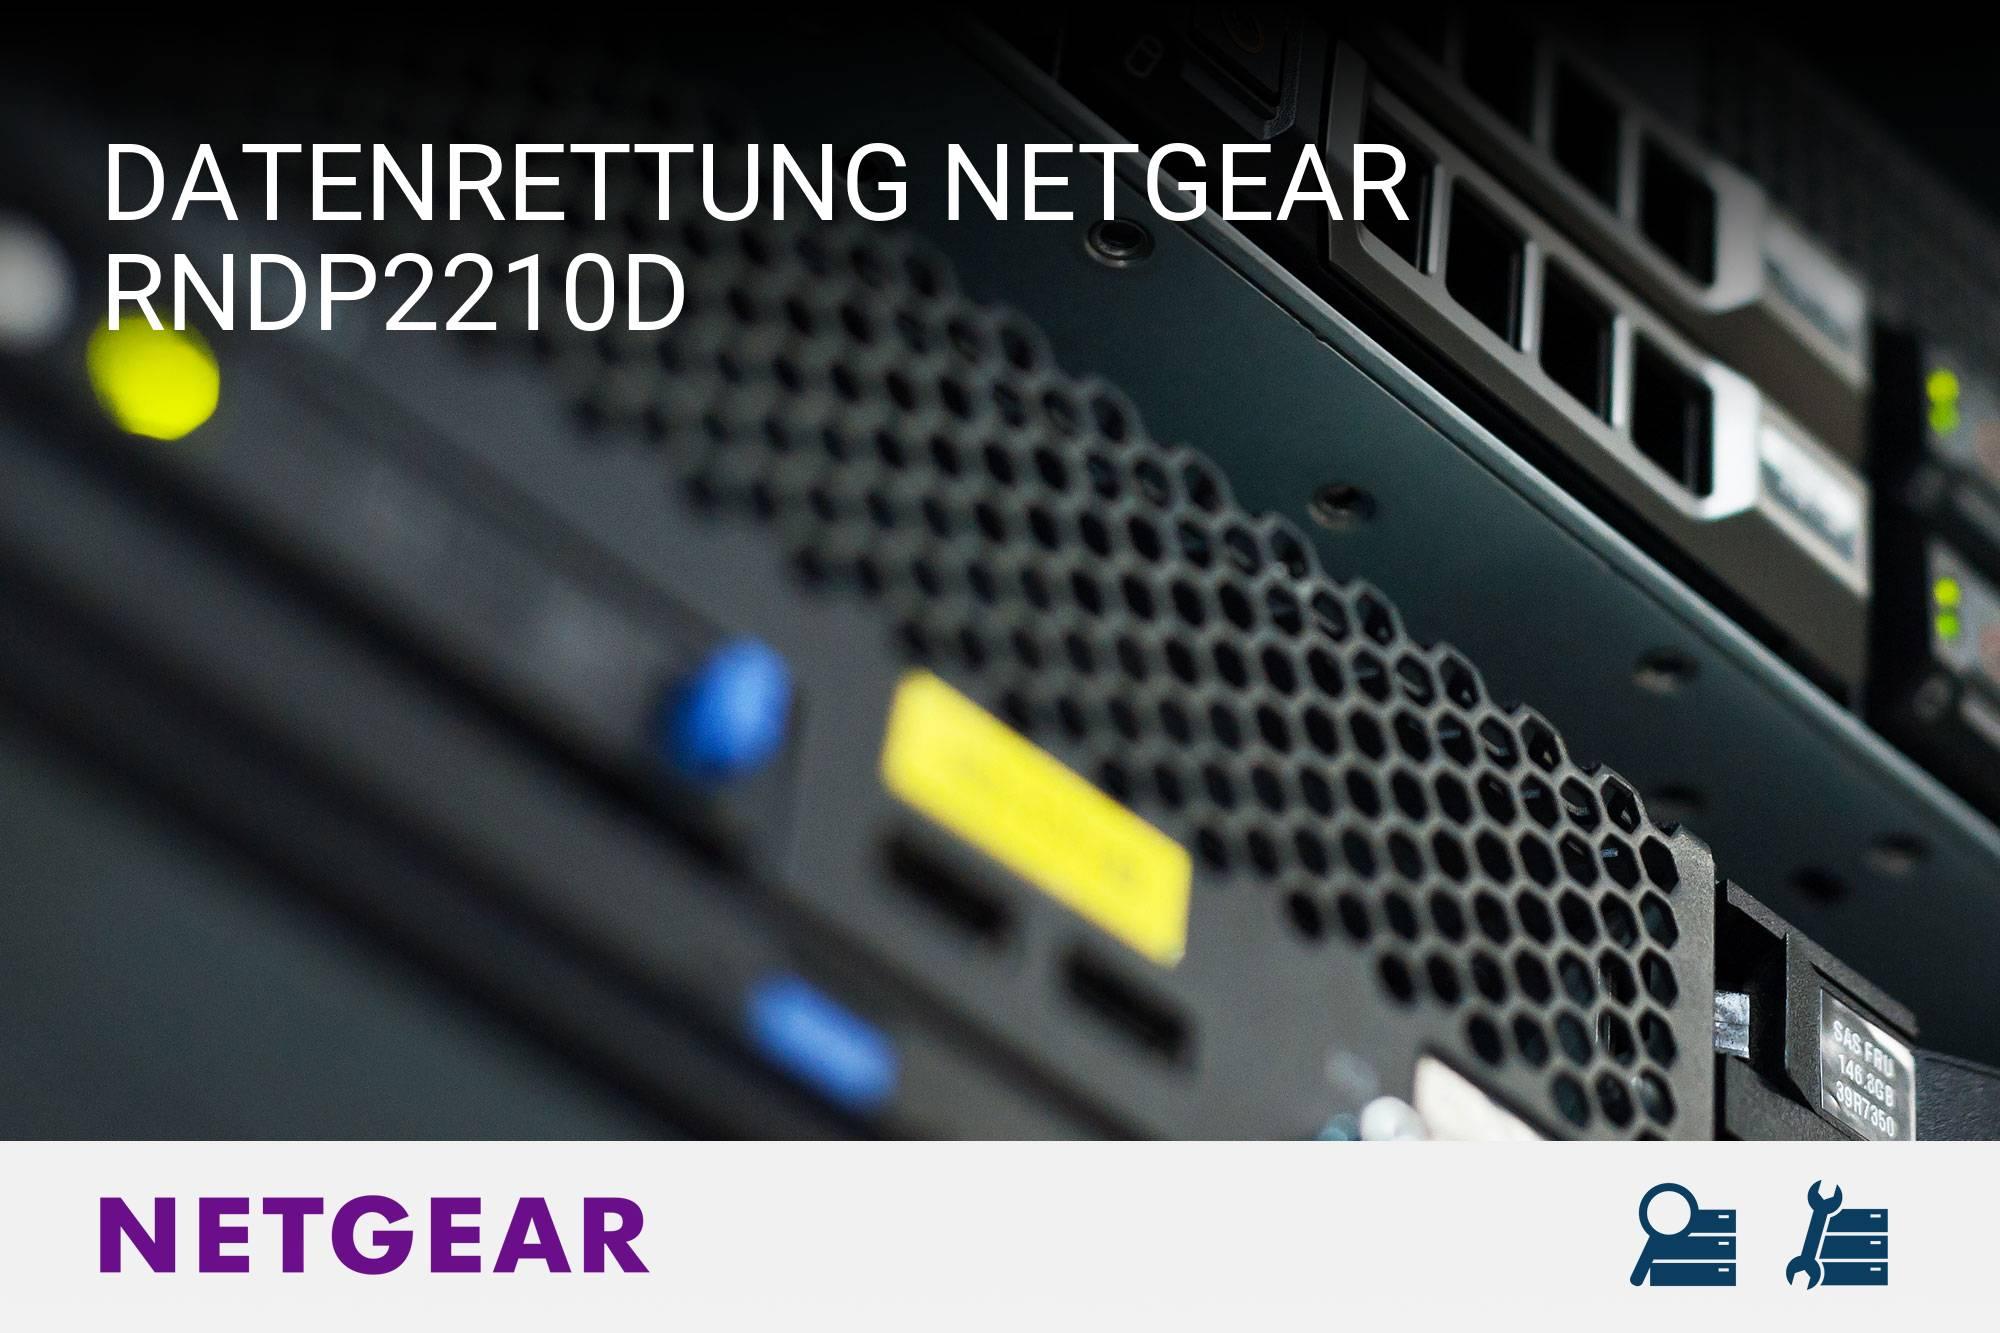 Netgear RNDP2210D